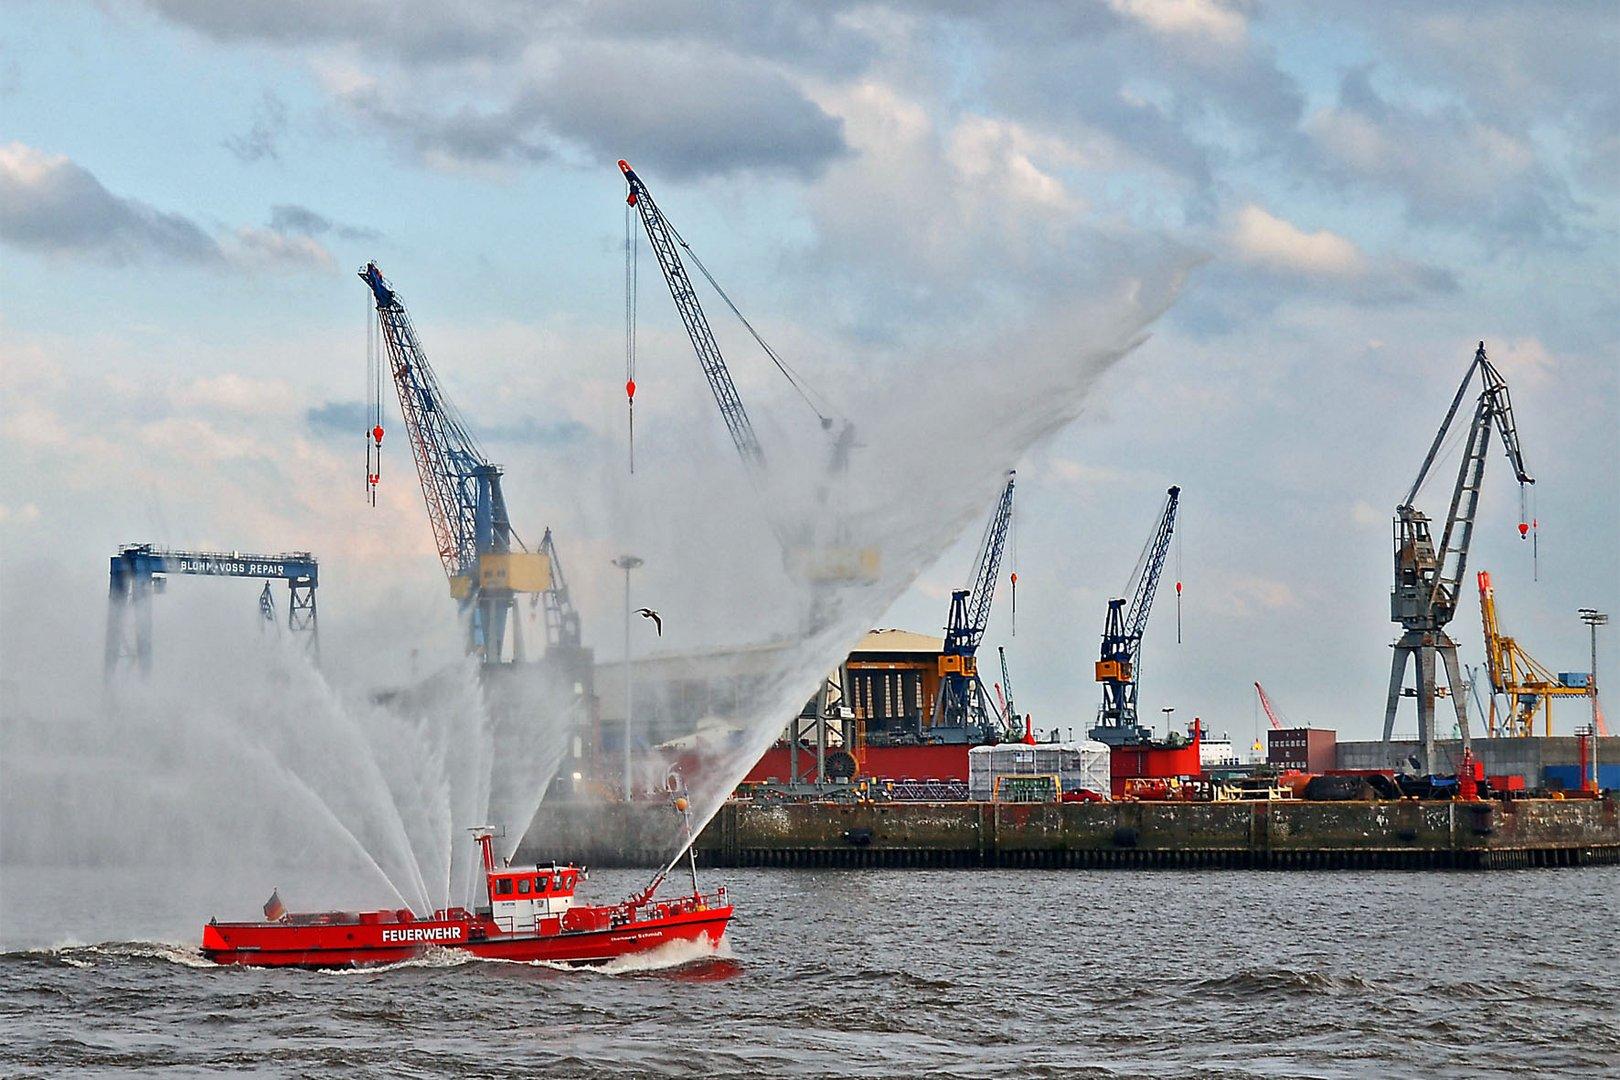 Feuerwehrschiff im Hamburger Hafen